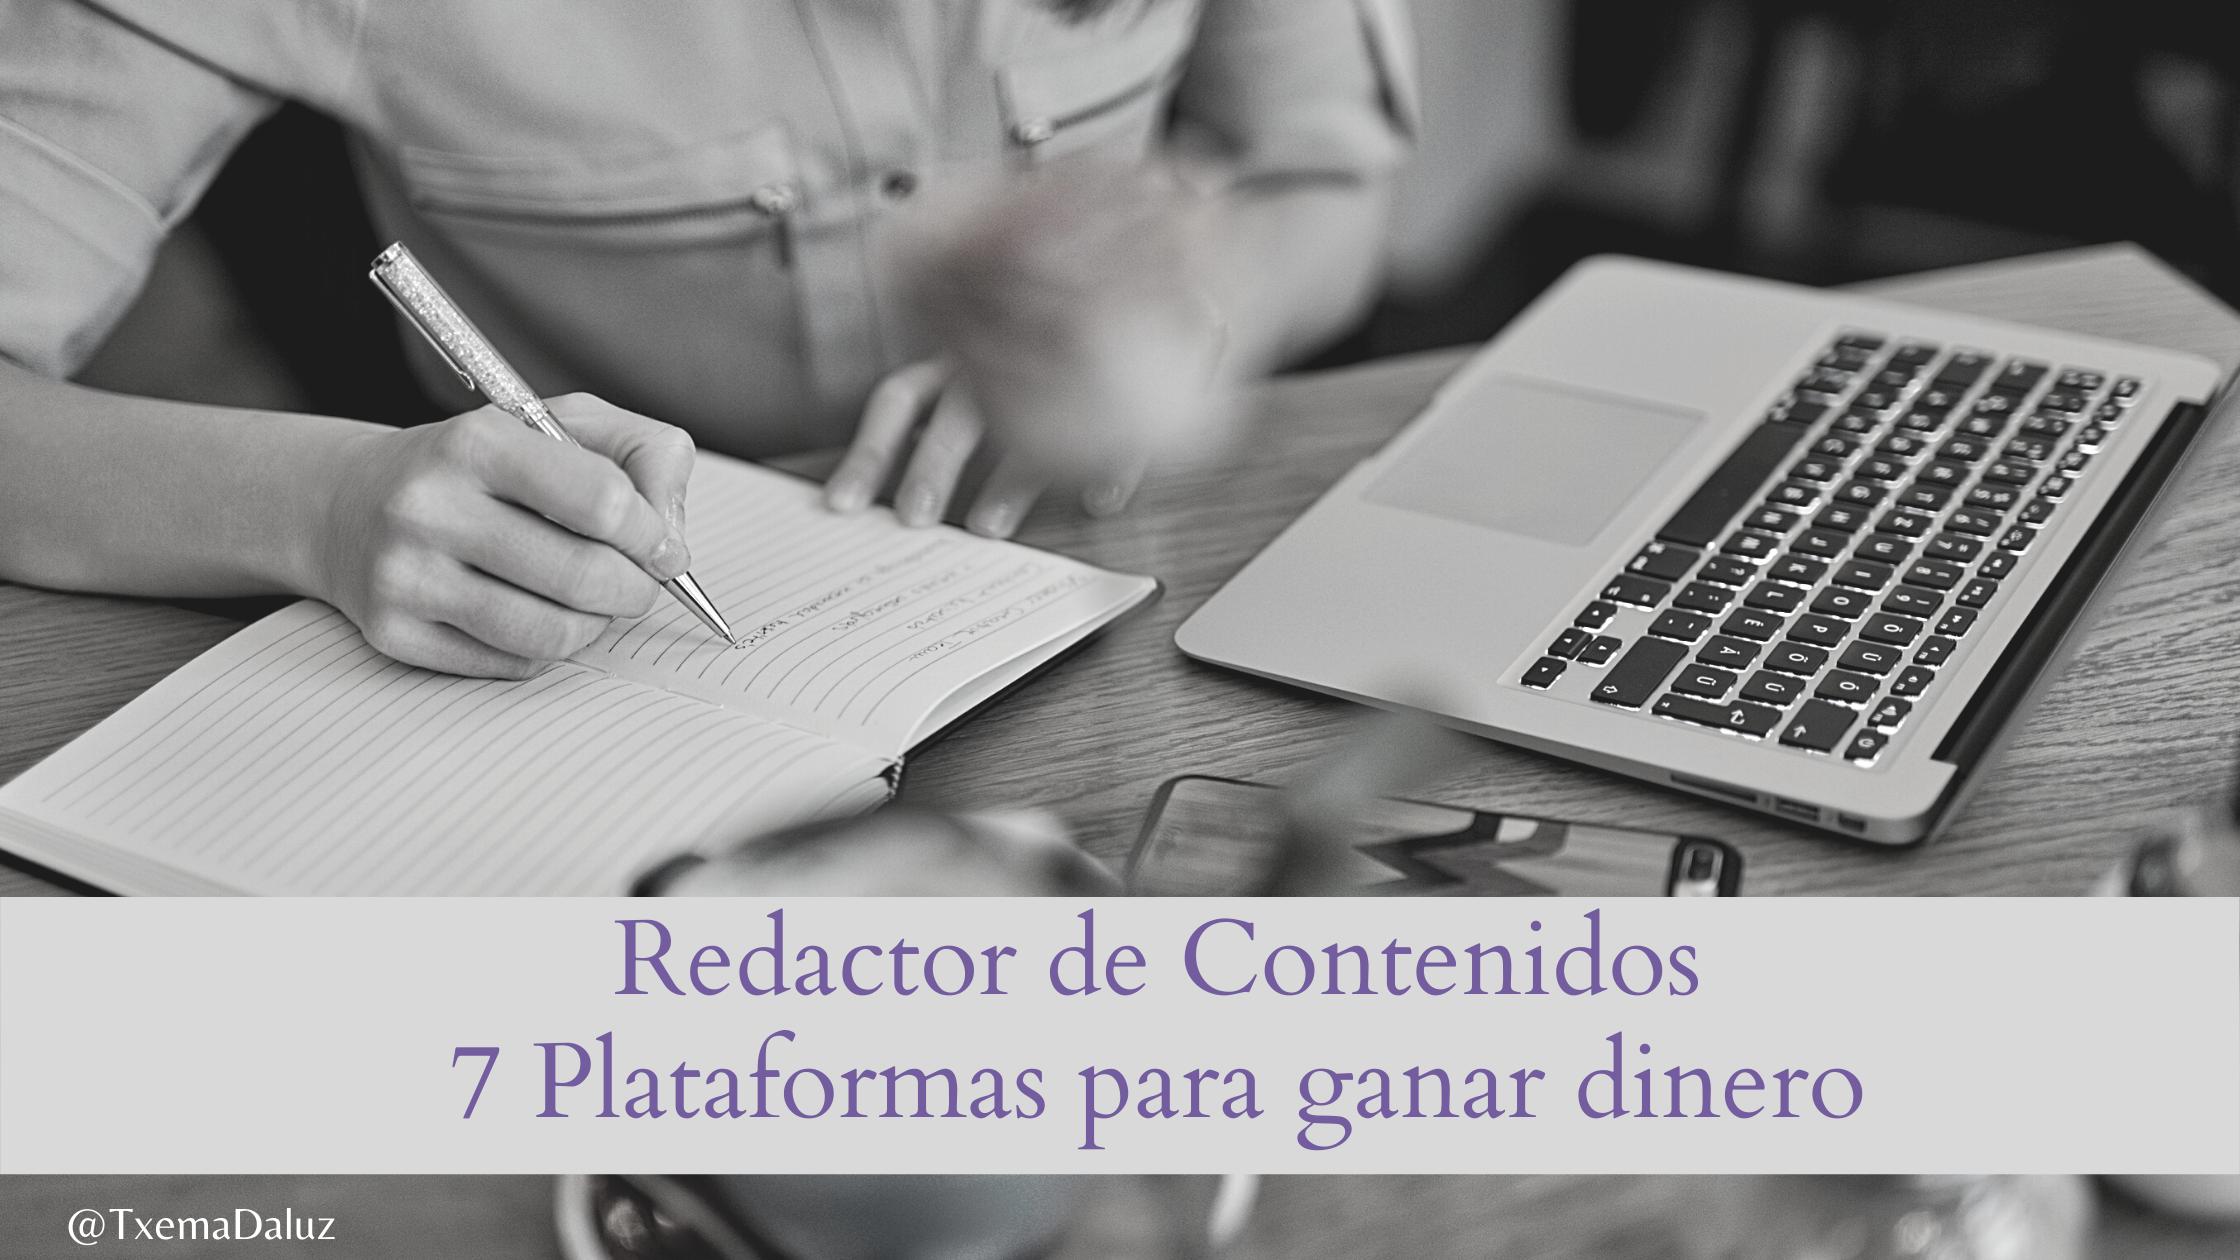 7 Plataformas para ganar dinero como redactor de contenidos